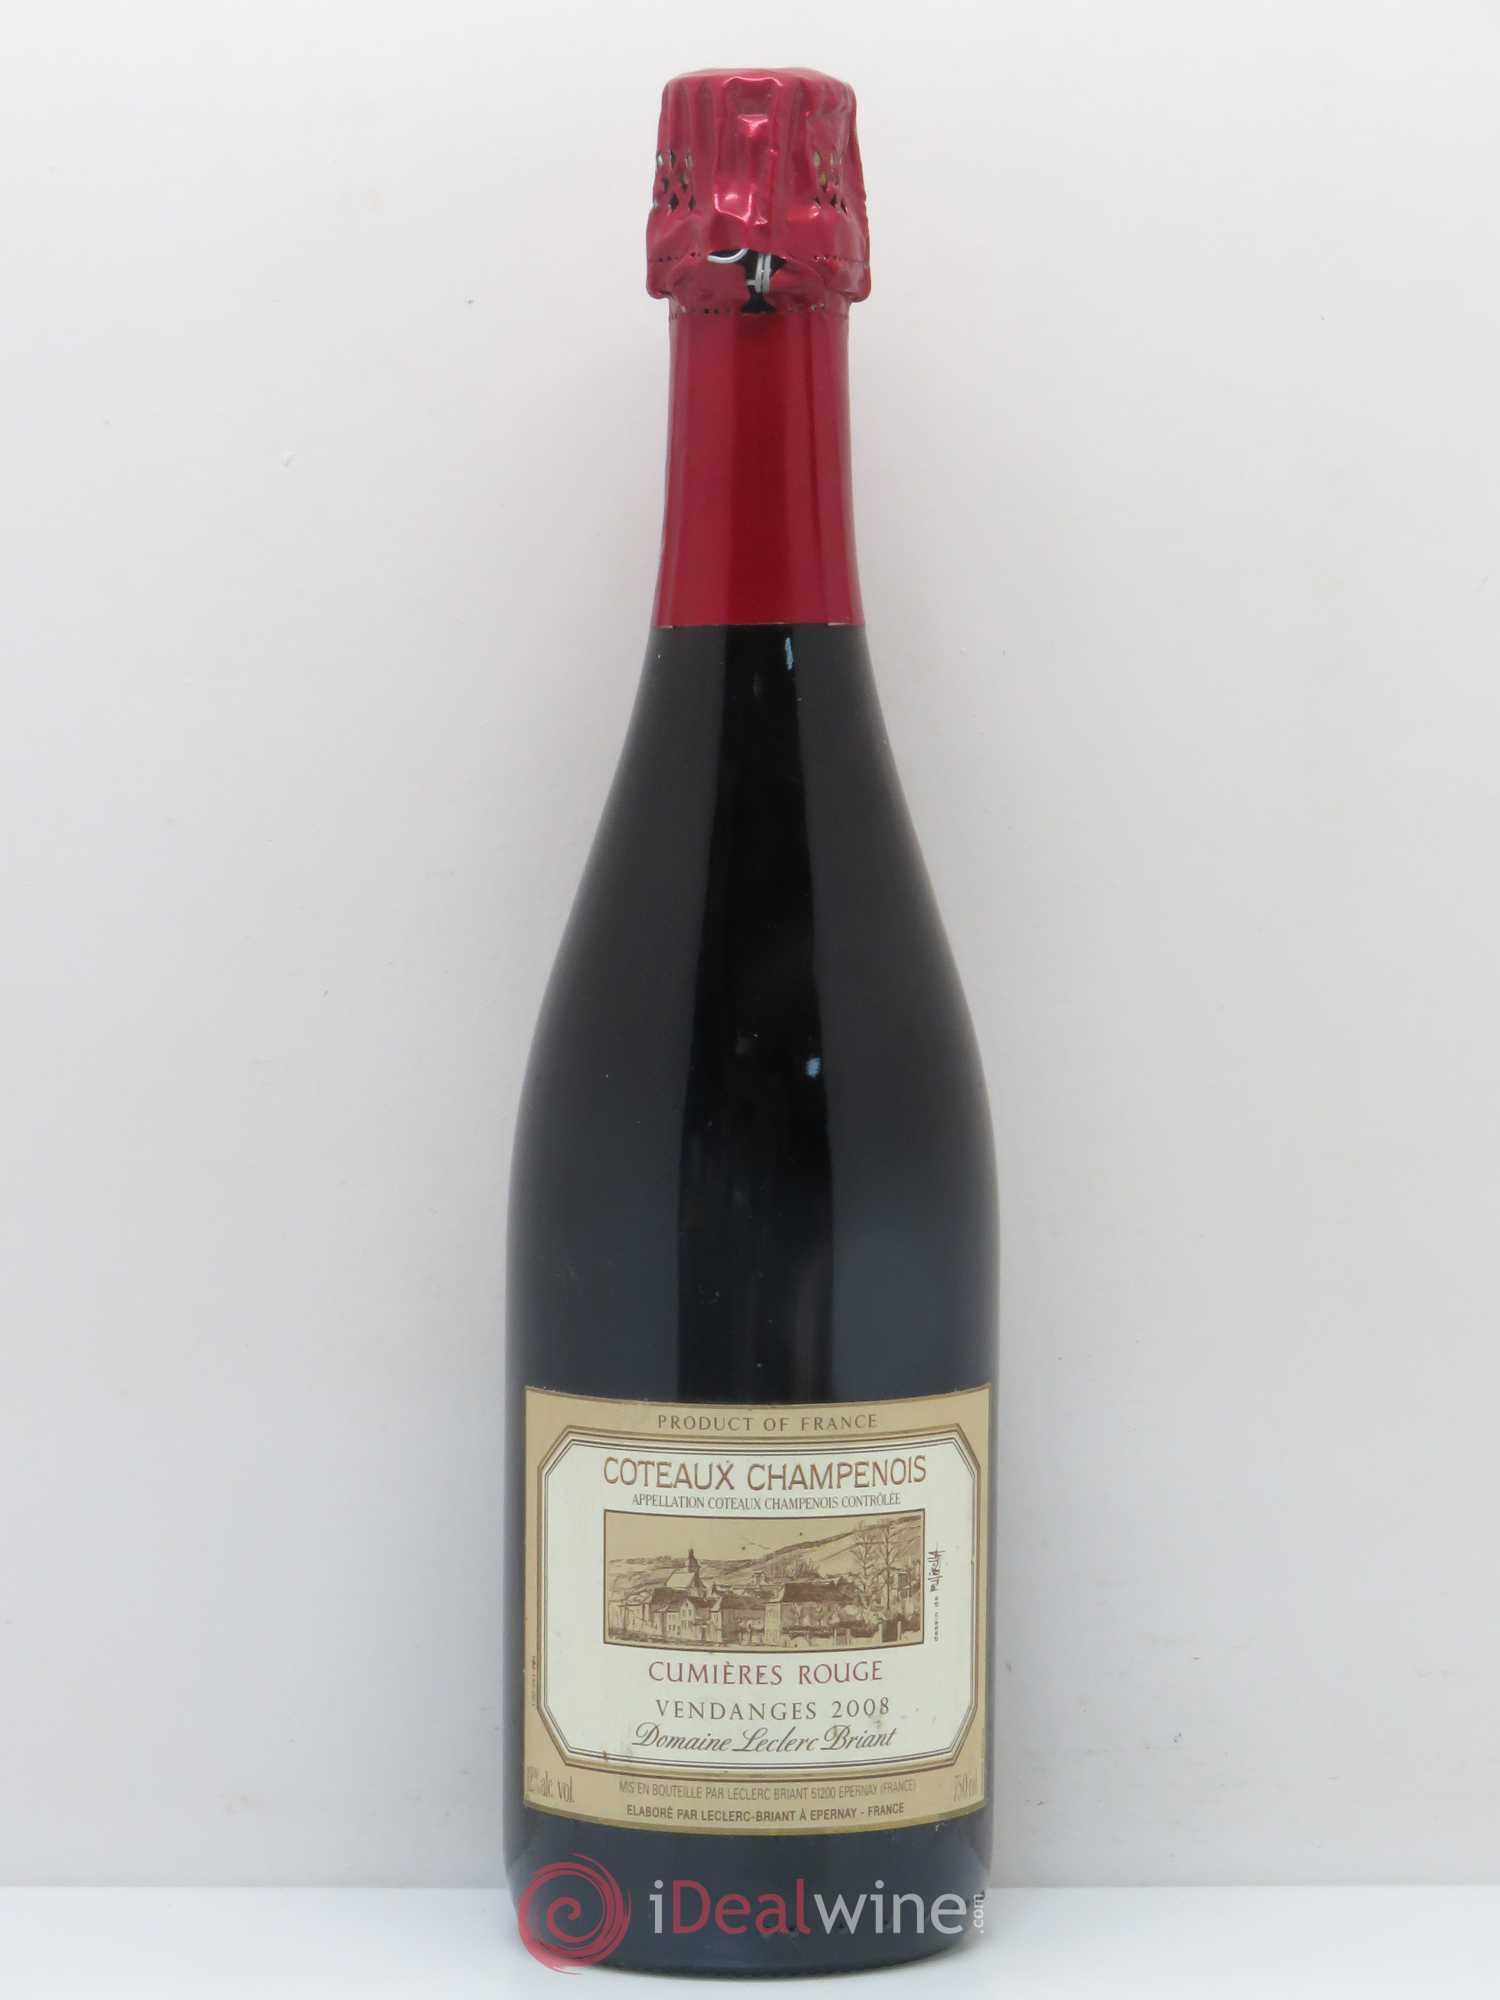 acheter divers coteaux champenois cumi res rouge leclerc briant 2008 lot 1554. Black Bedroom Furniture Sets. Home Design Ideas